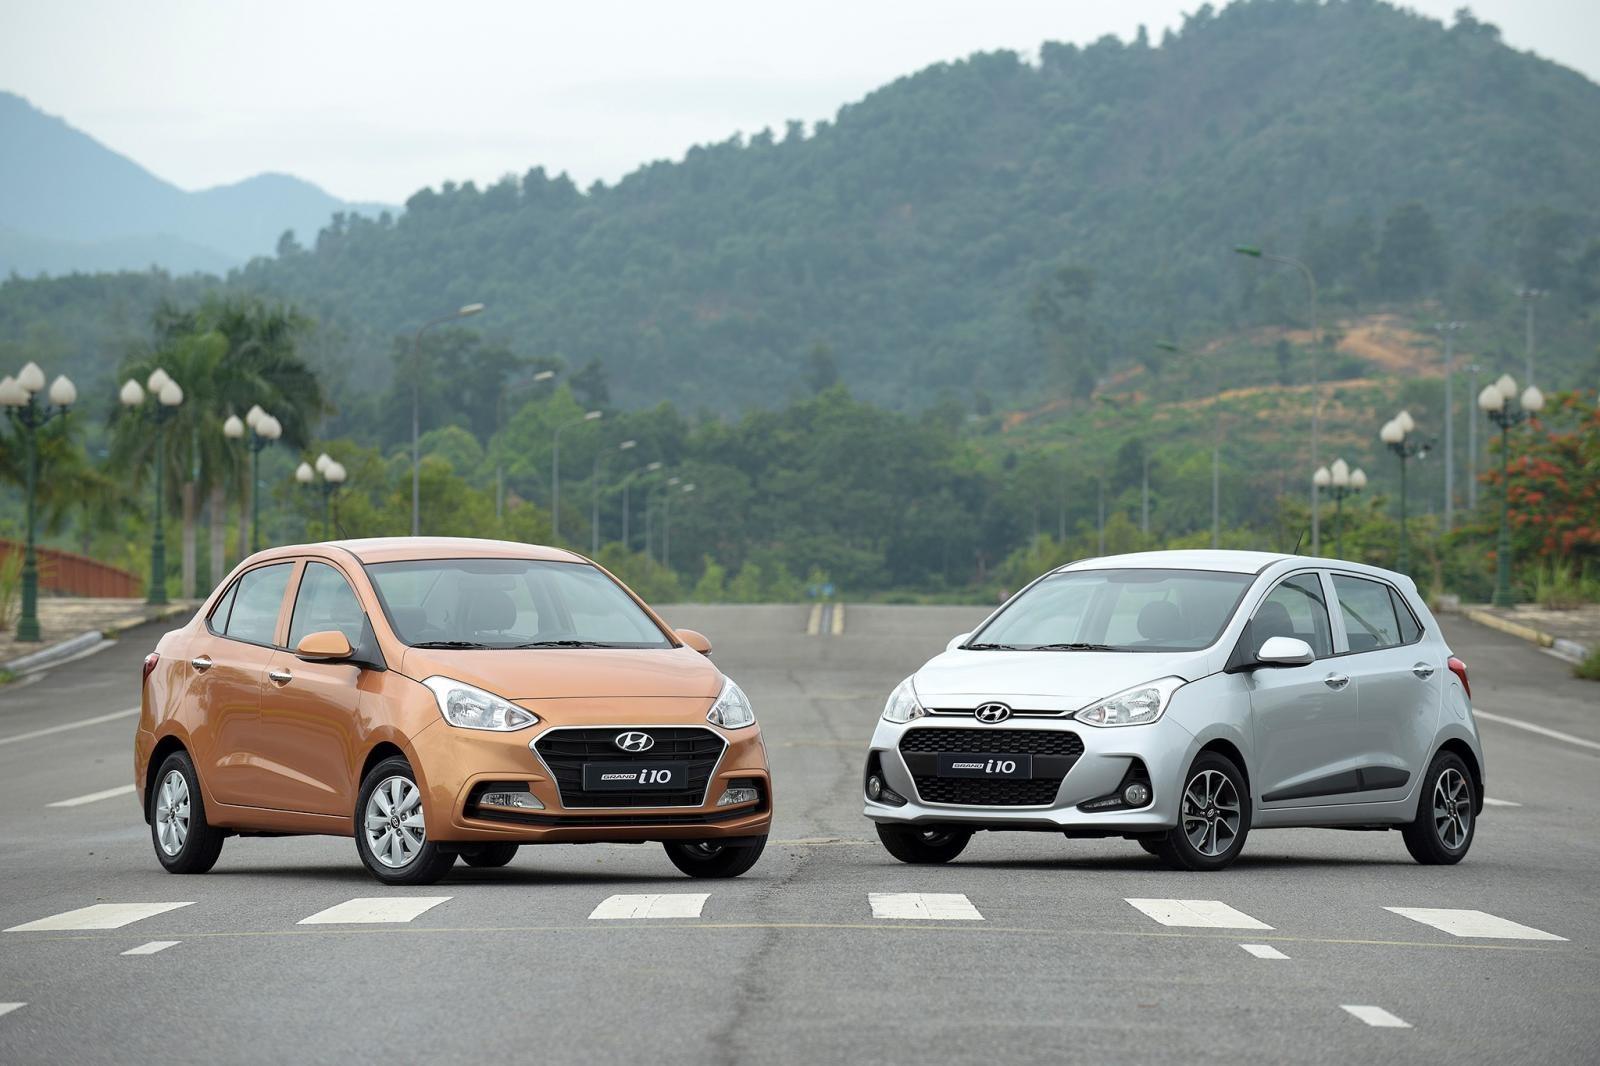 Hyundai Grand i10 bán được 22.068 xe trong năm 2018 nhưng vẫn thiếu 1 chút so với Toyota Vios